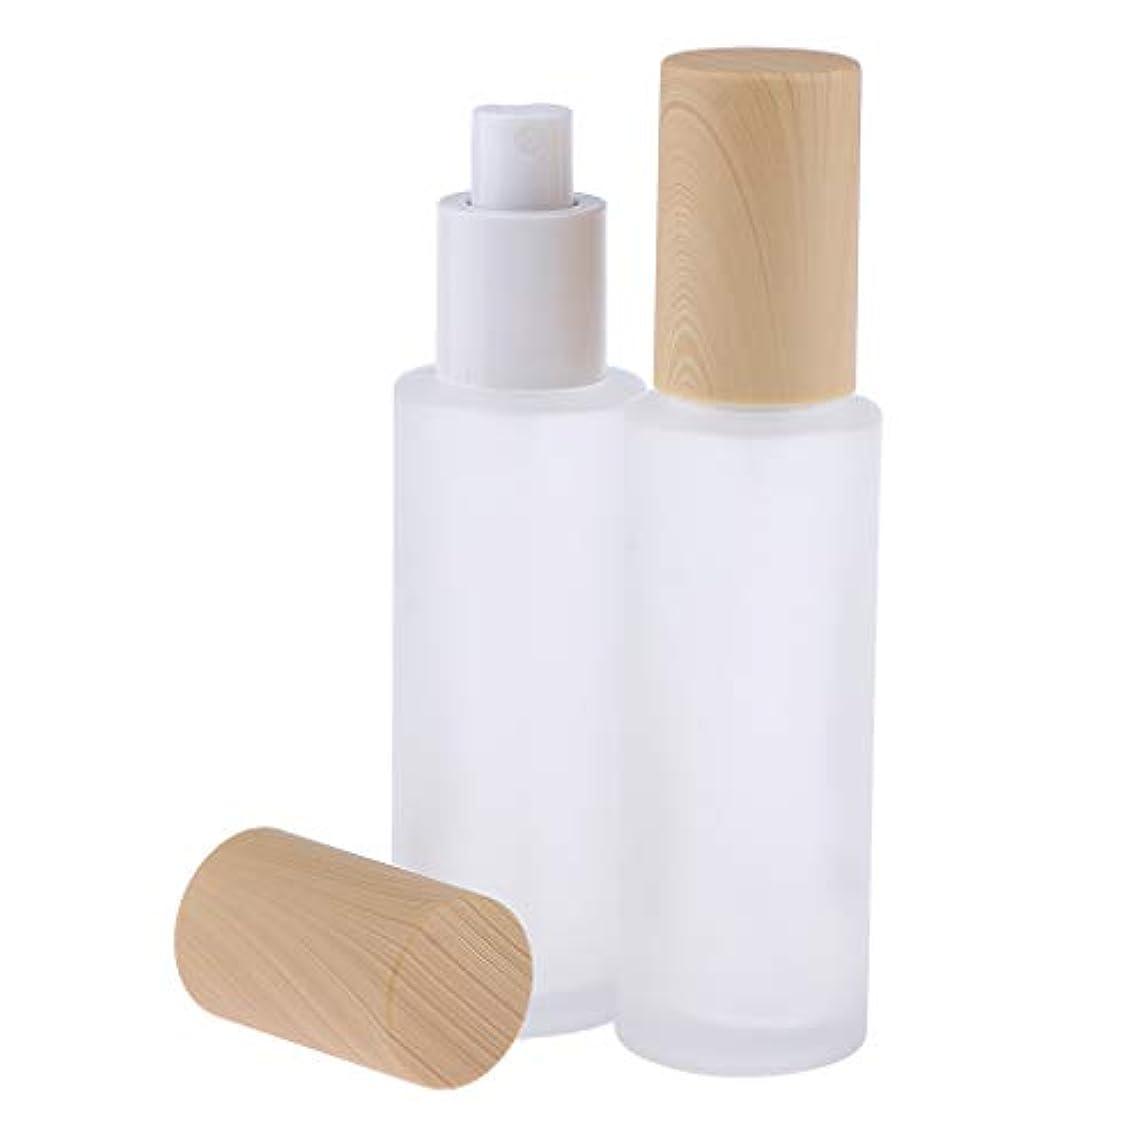 ハシー製造再びB Baosity 2個 ポンプボトル 香水ボトル ガラス ミストスプレー 旅行 便利 6サイズ選べ - 60ミリリットル